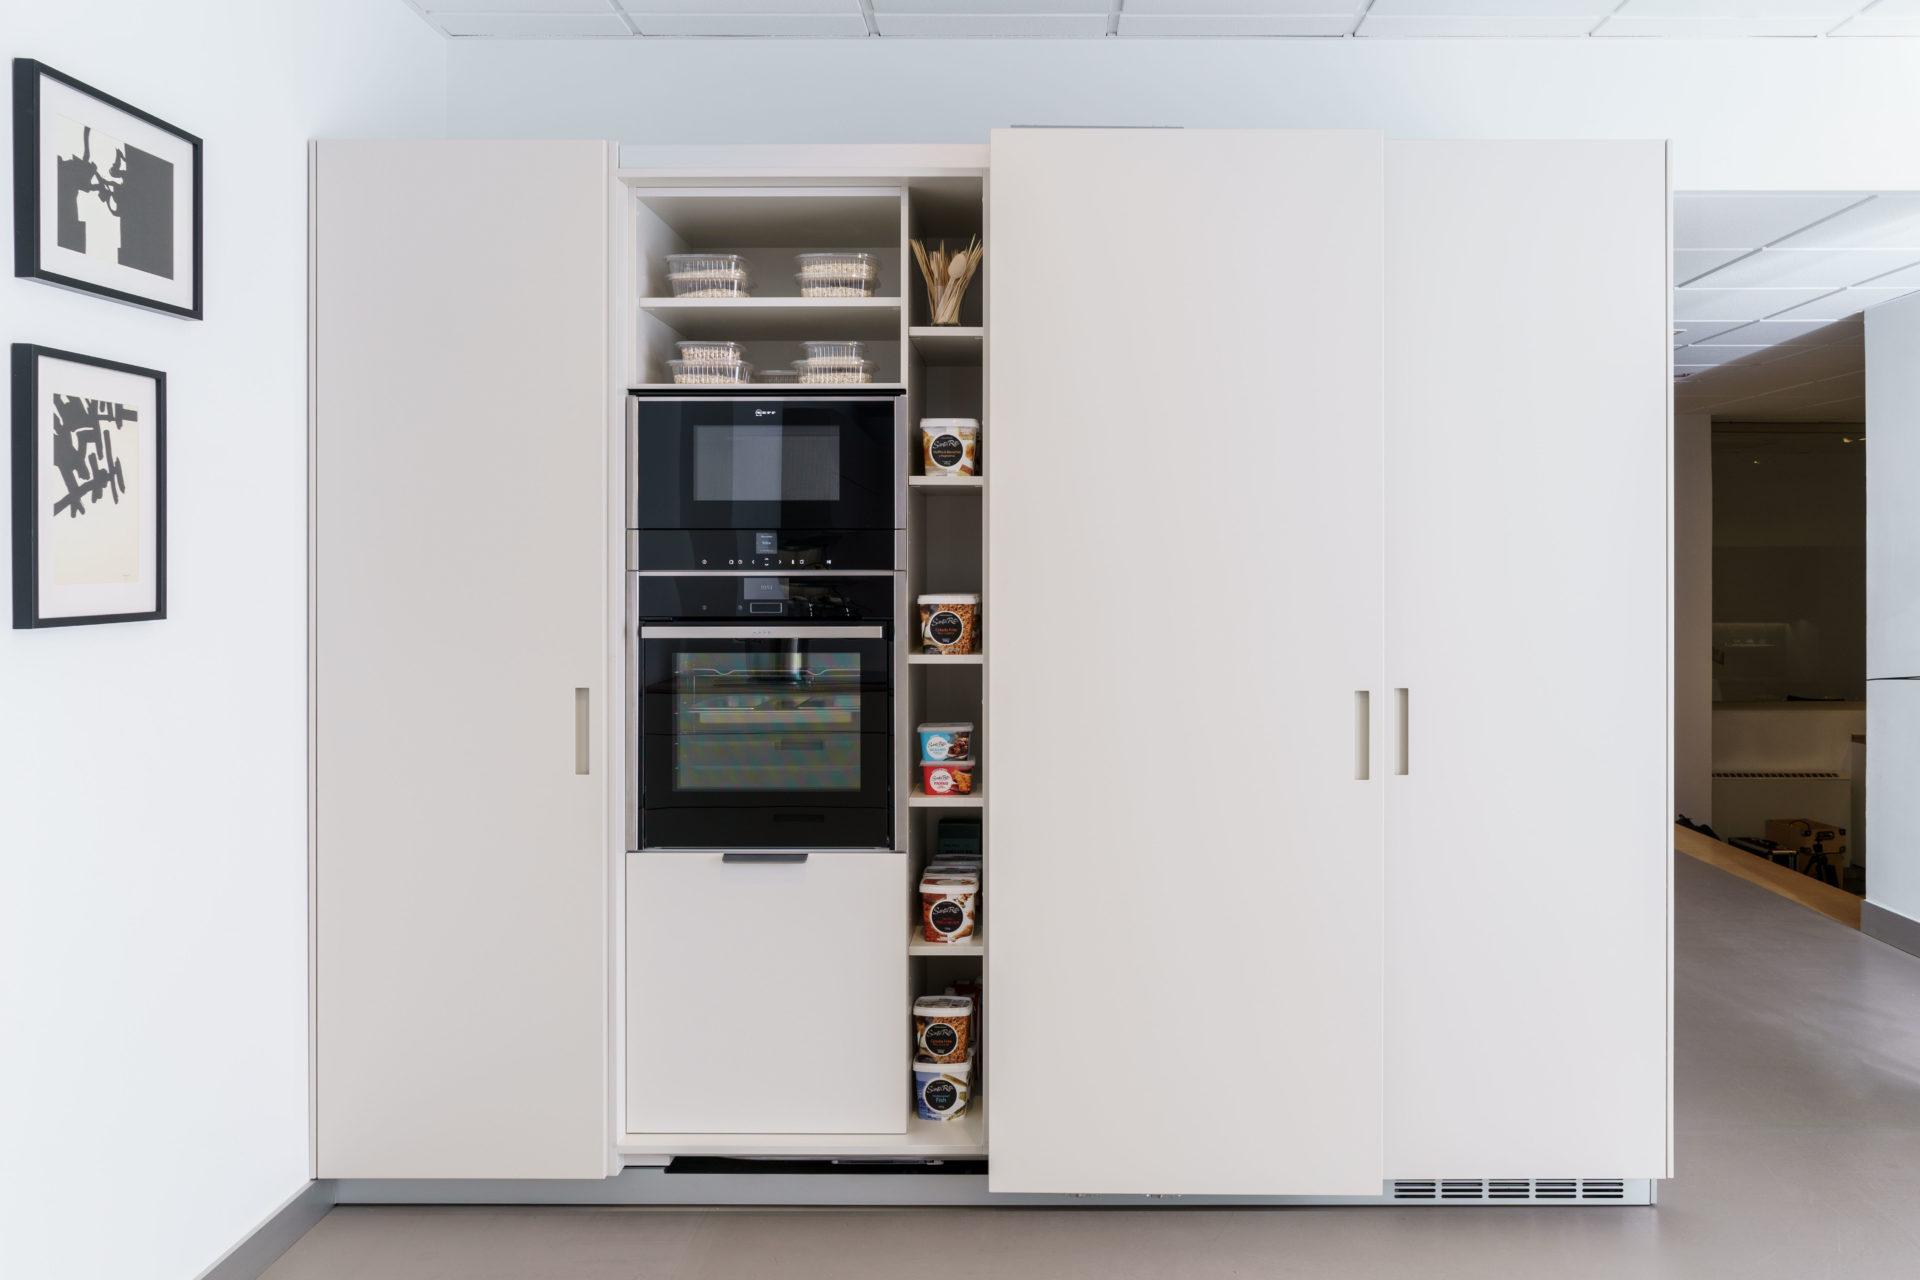 Electrodomésticos integrados en el mobiliario